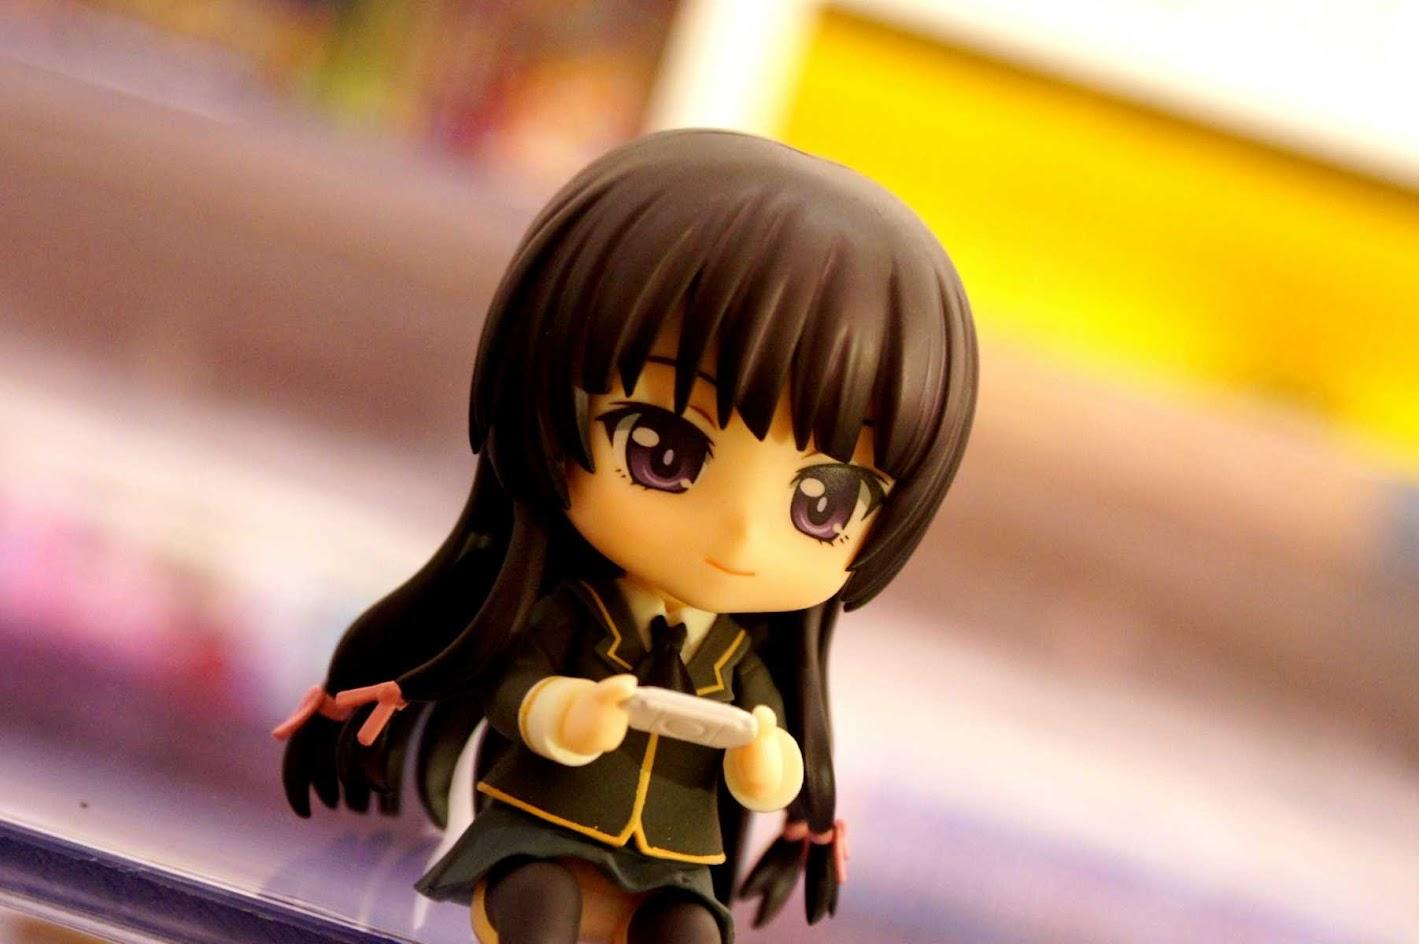 Boku wa Tomodachi ga Sukunai - Mikazuki Yozora - Nendoroid #193 (Good Smile Company)